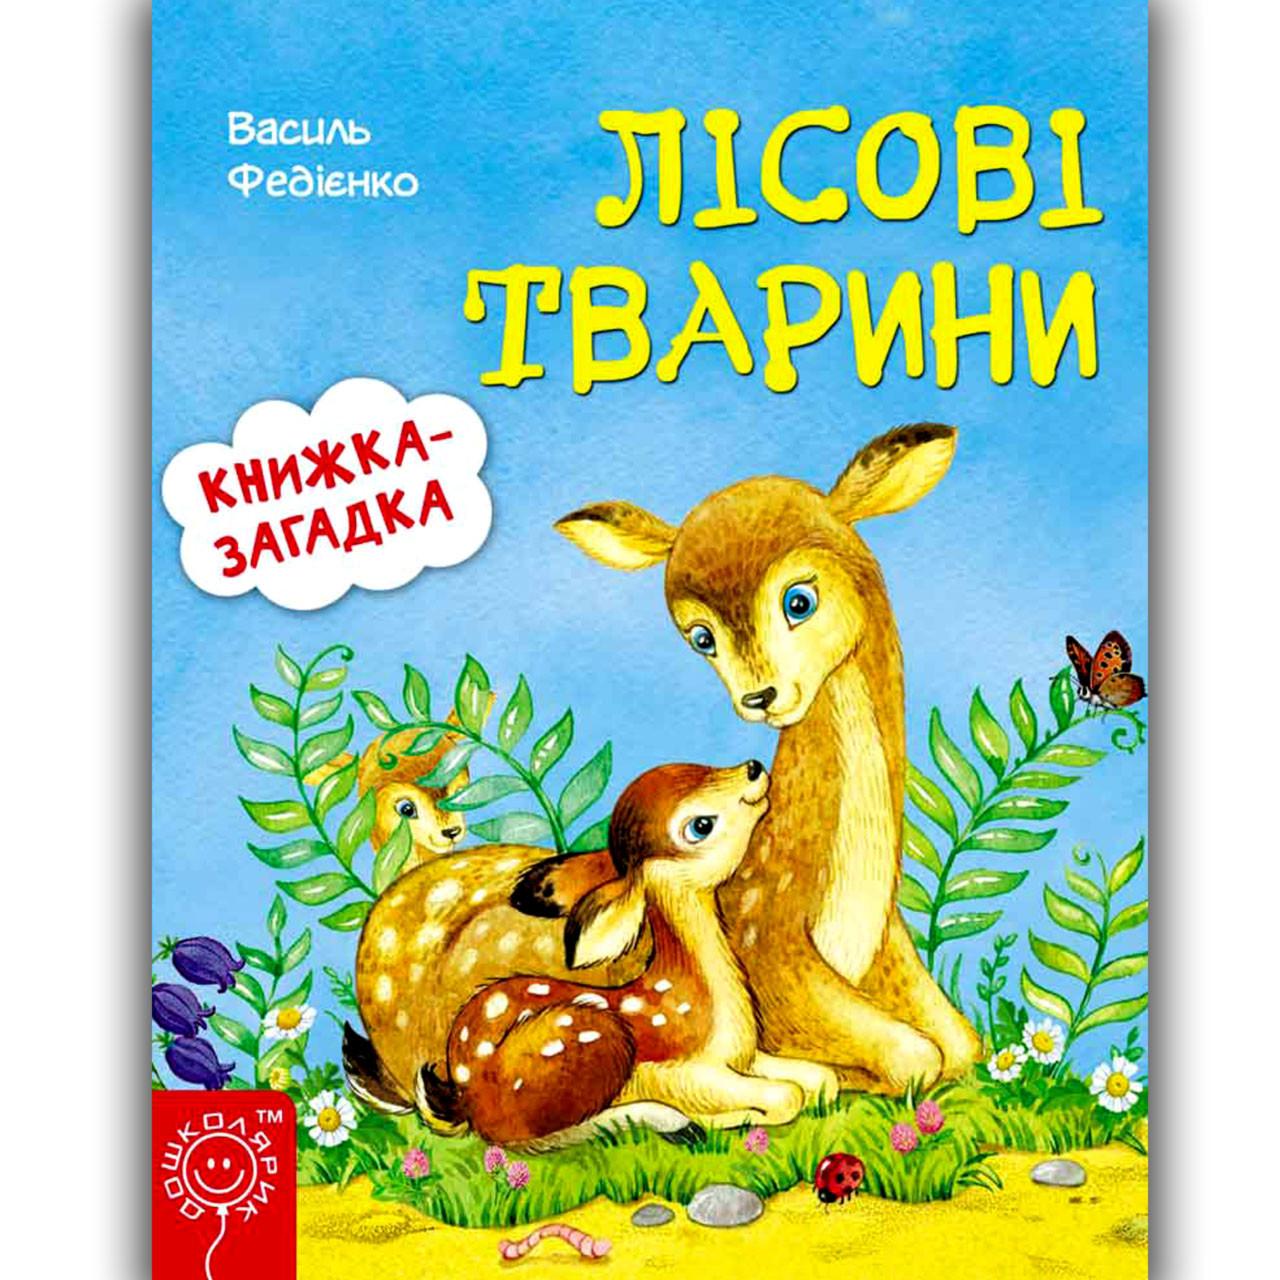 Книжка-загадка Лісові тварини Авт: Федієнко В. Вид: Школа